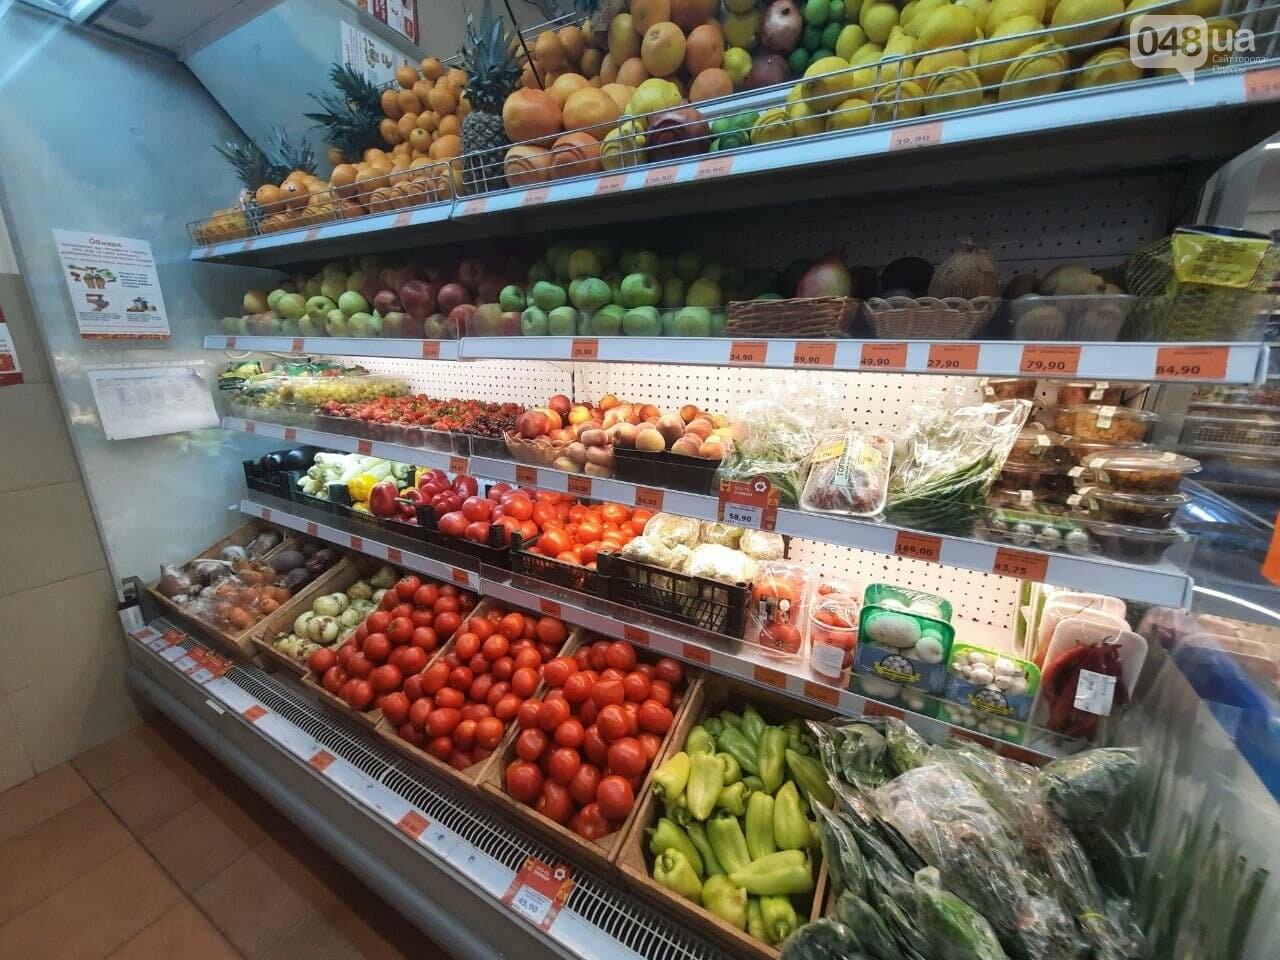 Клубника, черешня, нектарин: мониторинг цен на сезонные фрукты и ягоды в одесских супермаркетах, - ФОТО, фото-3